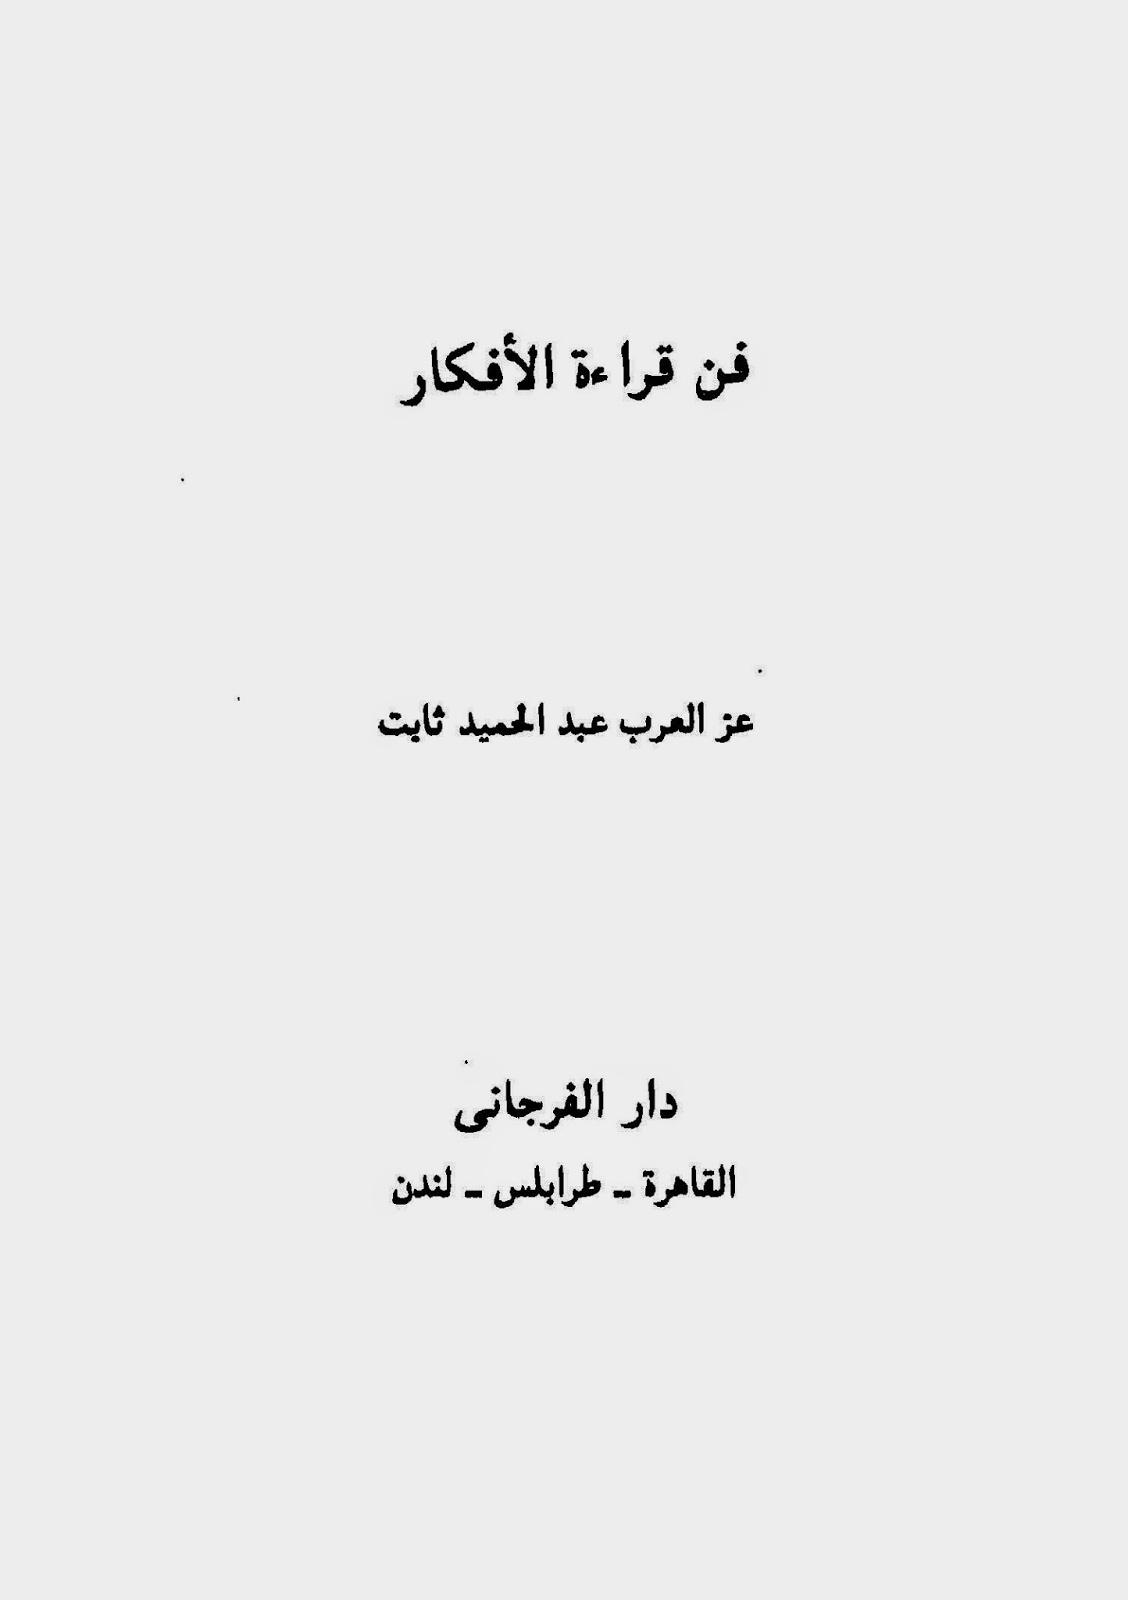 كتاب فن قراءة الأفكار لـ عز العرب عبد الحميد ثابت